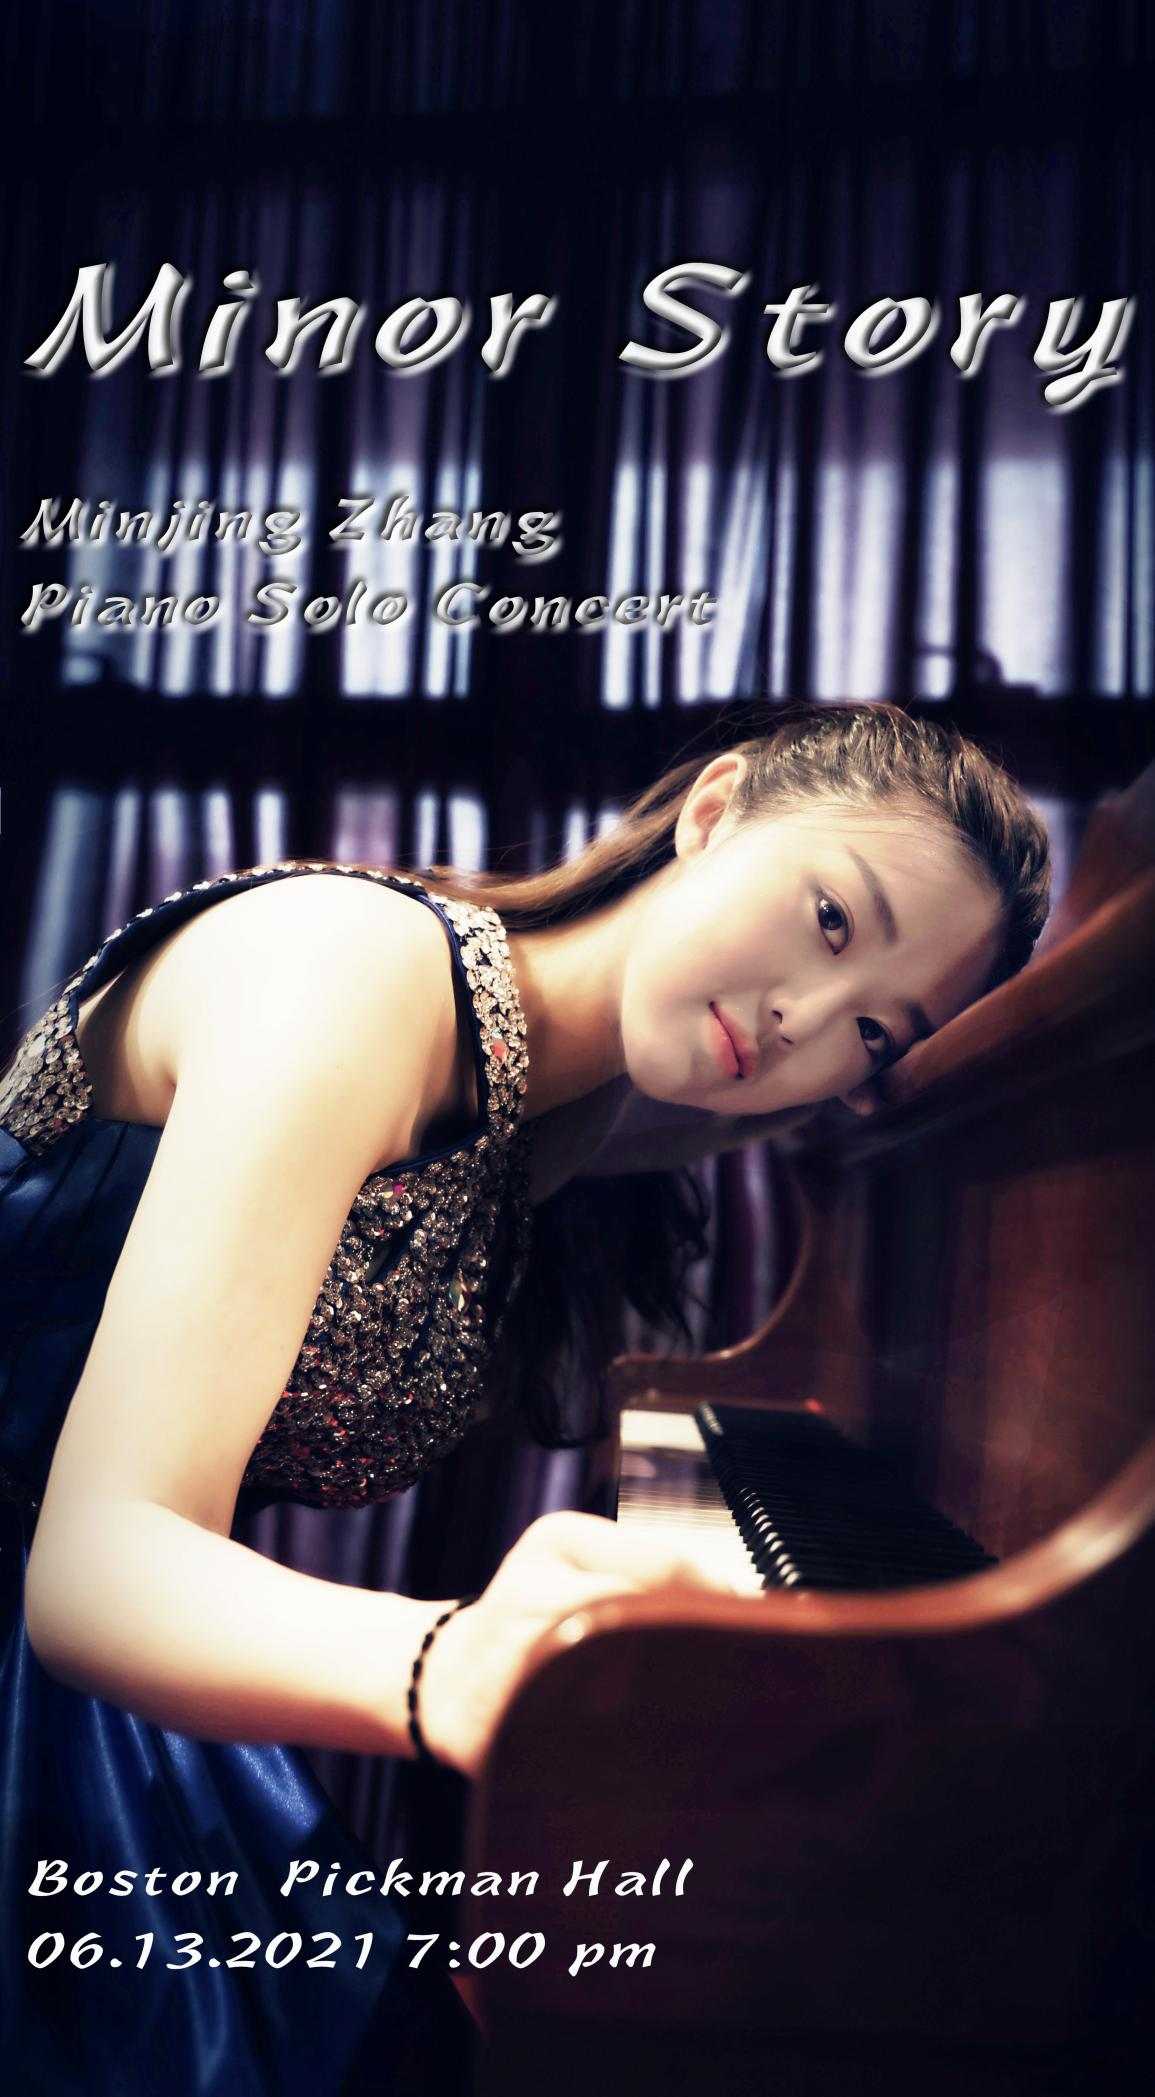 """天才钢琴家——张敏静的""""小调故事"""",诉说精彩纷呈的音乐旅程!"""